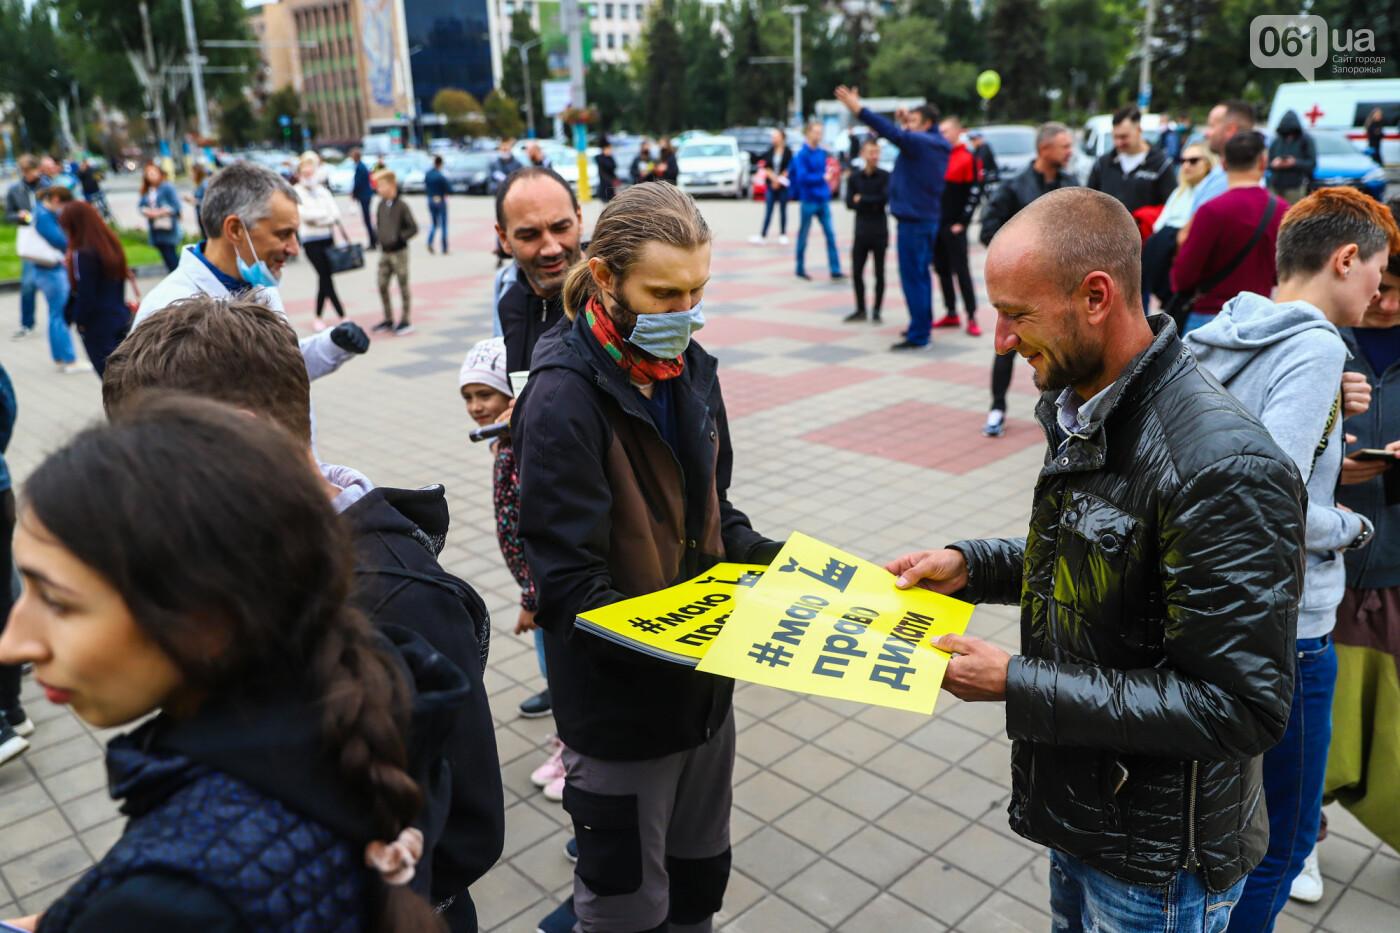 Маю право дихати: тысячи запорожцев вышли на экологический митинг, ФОТО, ВИДЕО, фото-5